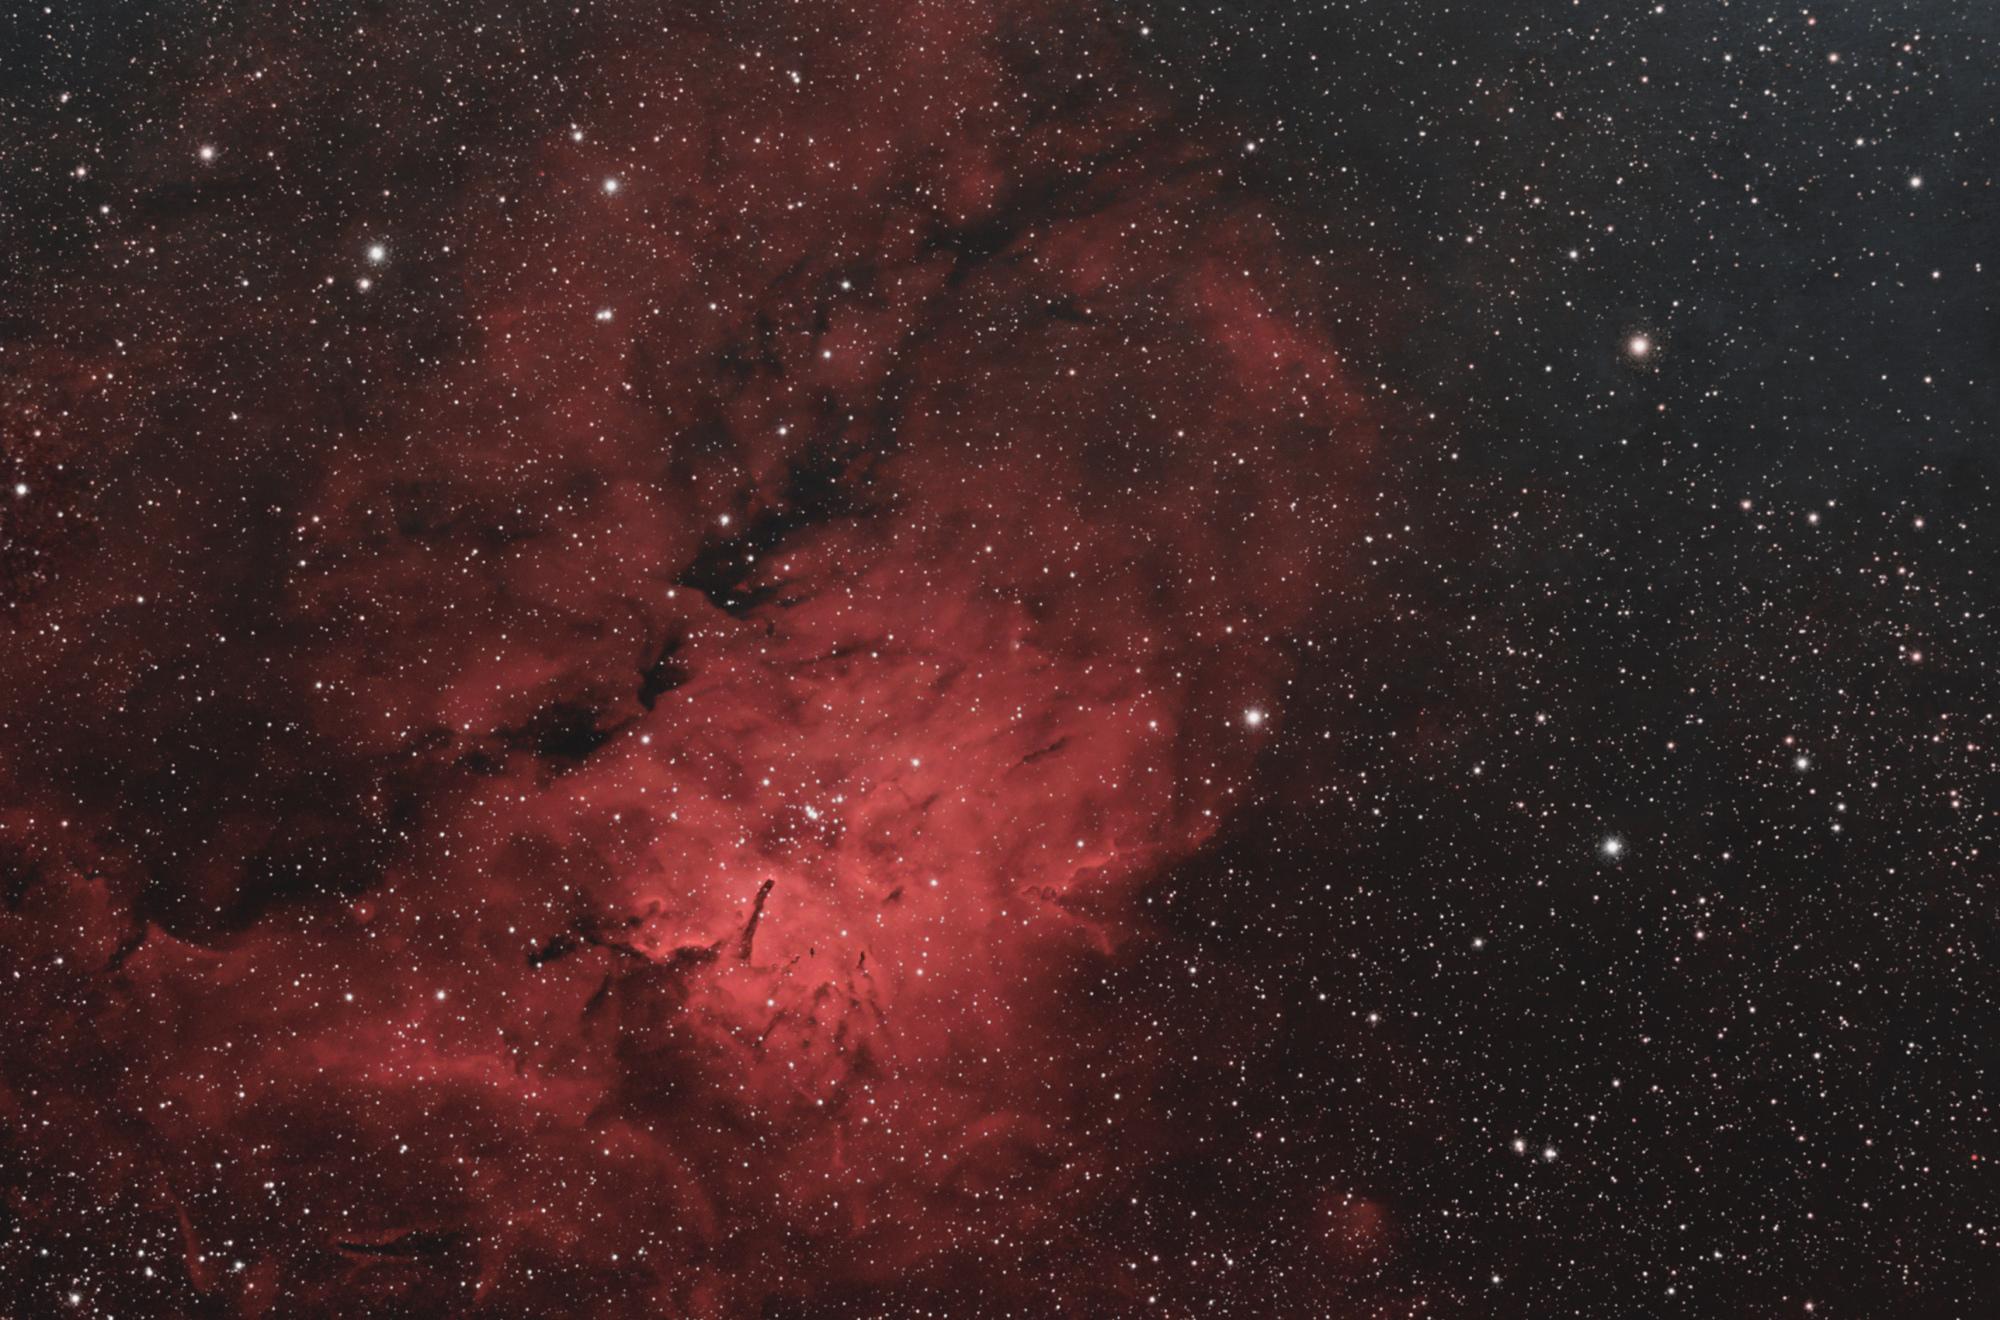 6139f9b099b1e_NGC6820_finalcopie.thumb.jpg.d7a4843ae75c8b64e230ce80c94bd37c.jpg